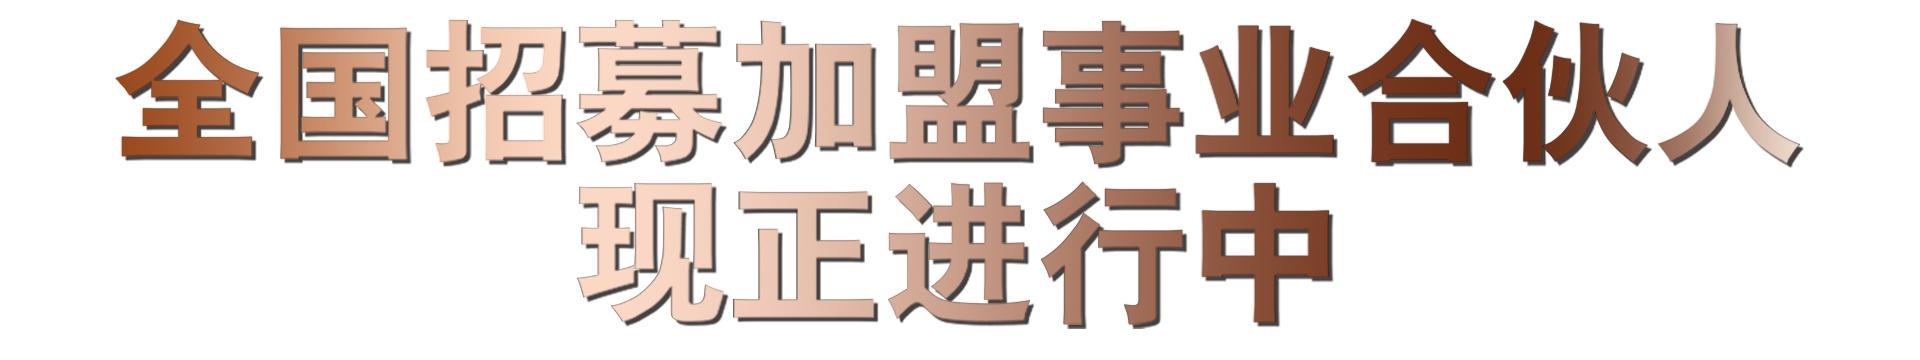 蒙霸养发堂mb_27